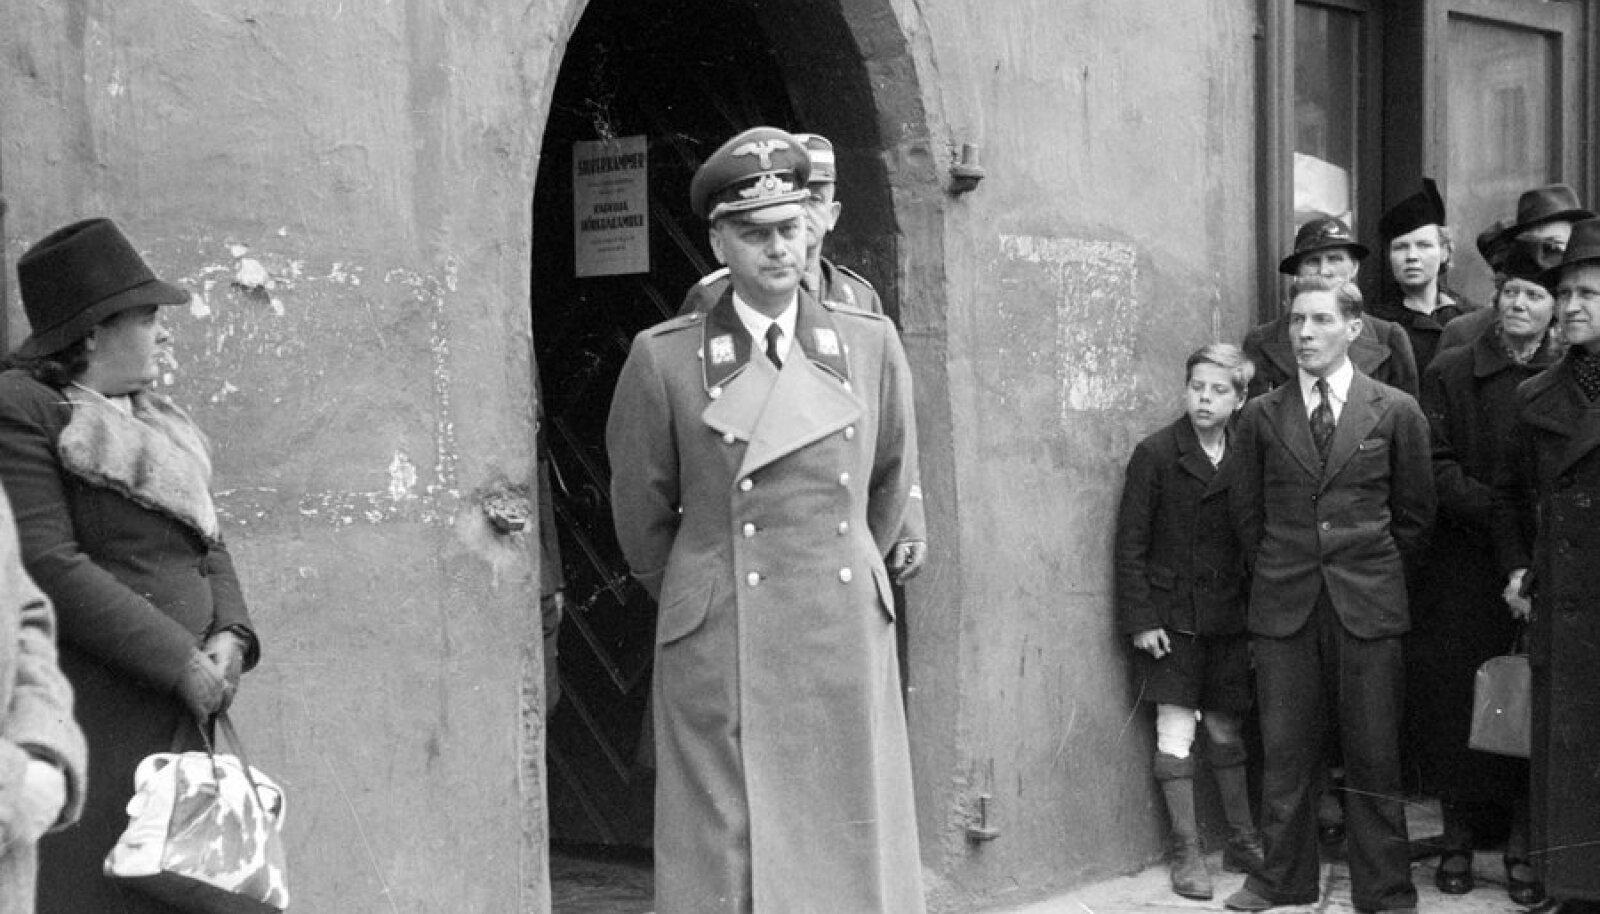 Koduradadel: Idaalade riigiminister Alfred Rosenberg Tallinna raekoja ees 18. mail 1942. (Foto: Oskar Viikholm / Eesti Filmiarhiiv)